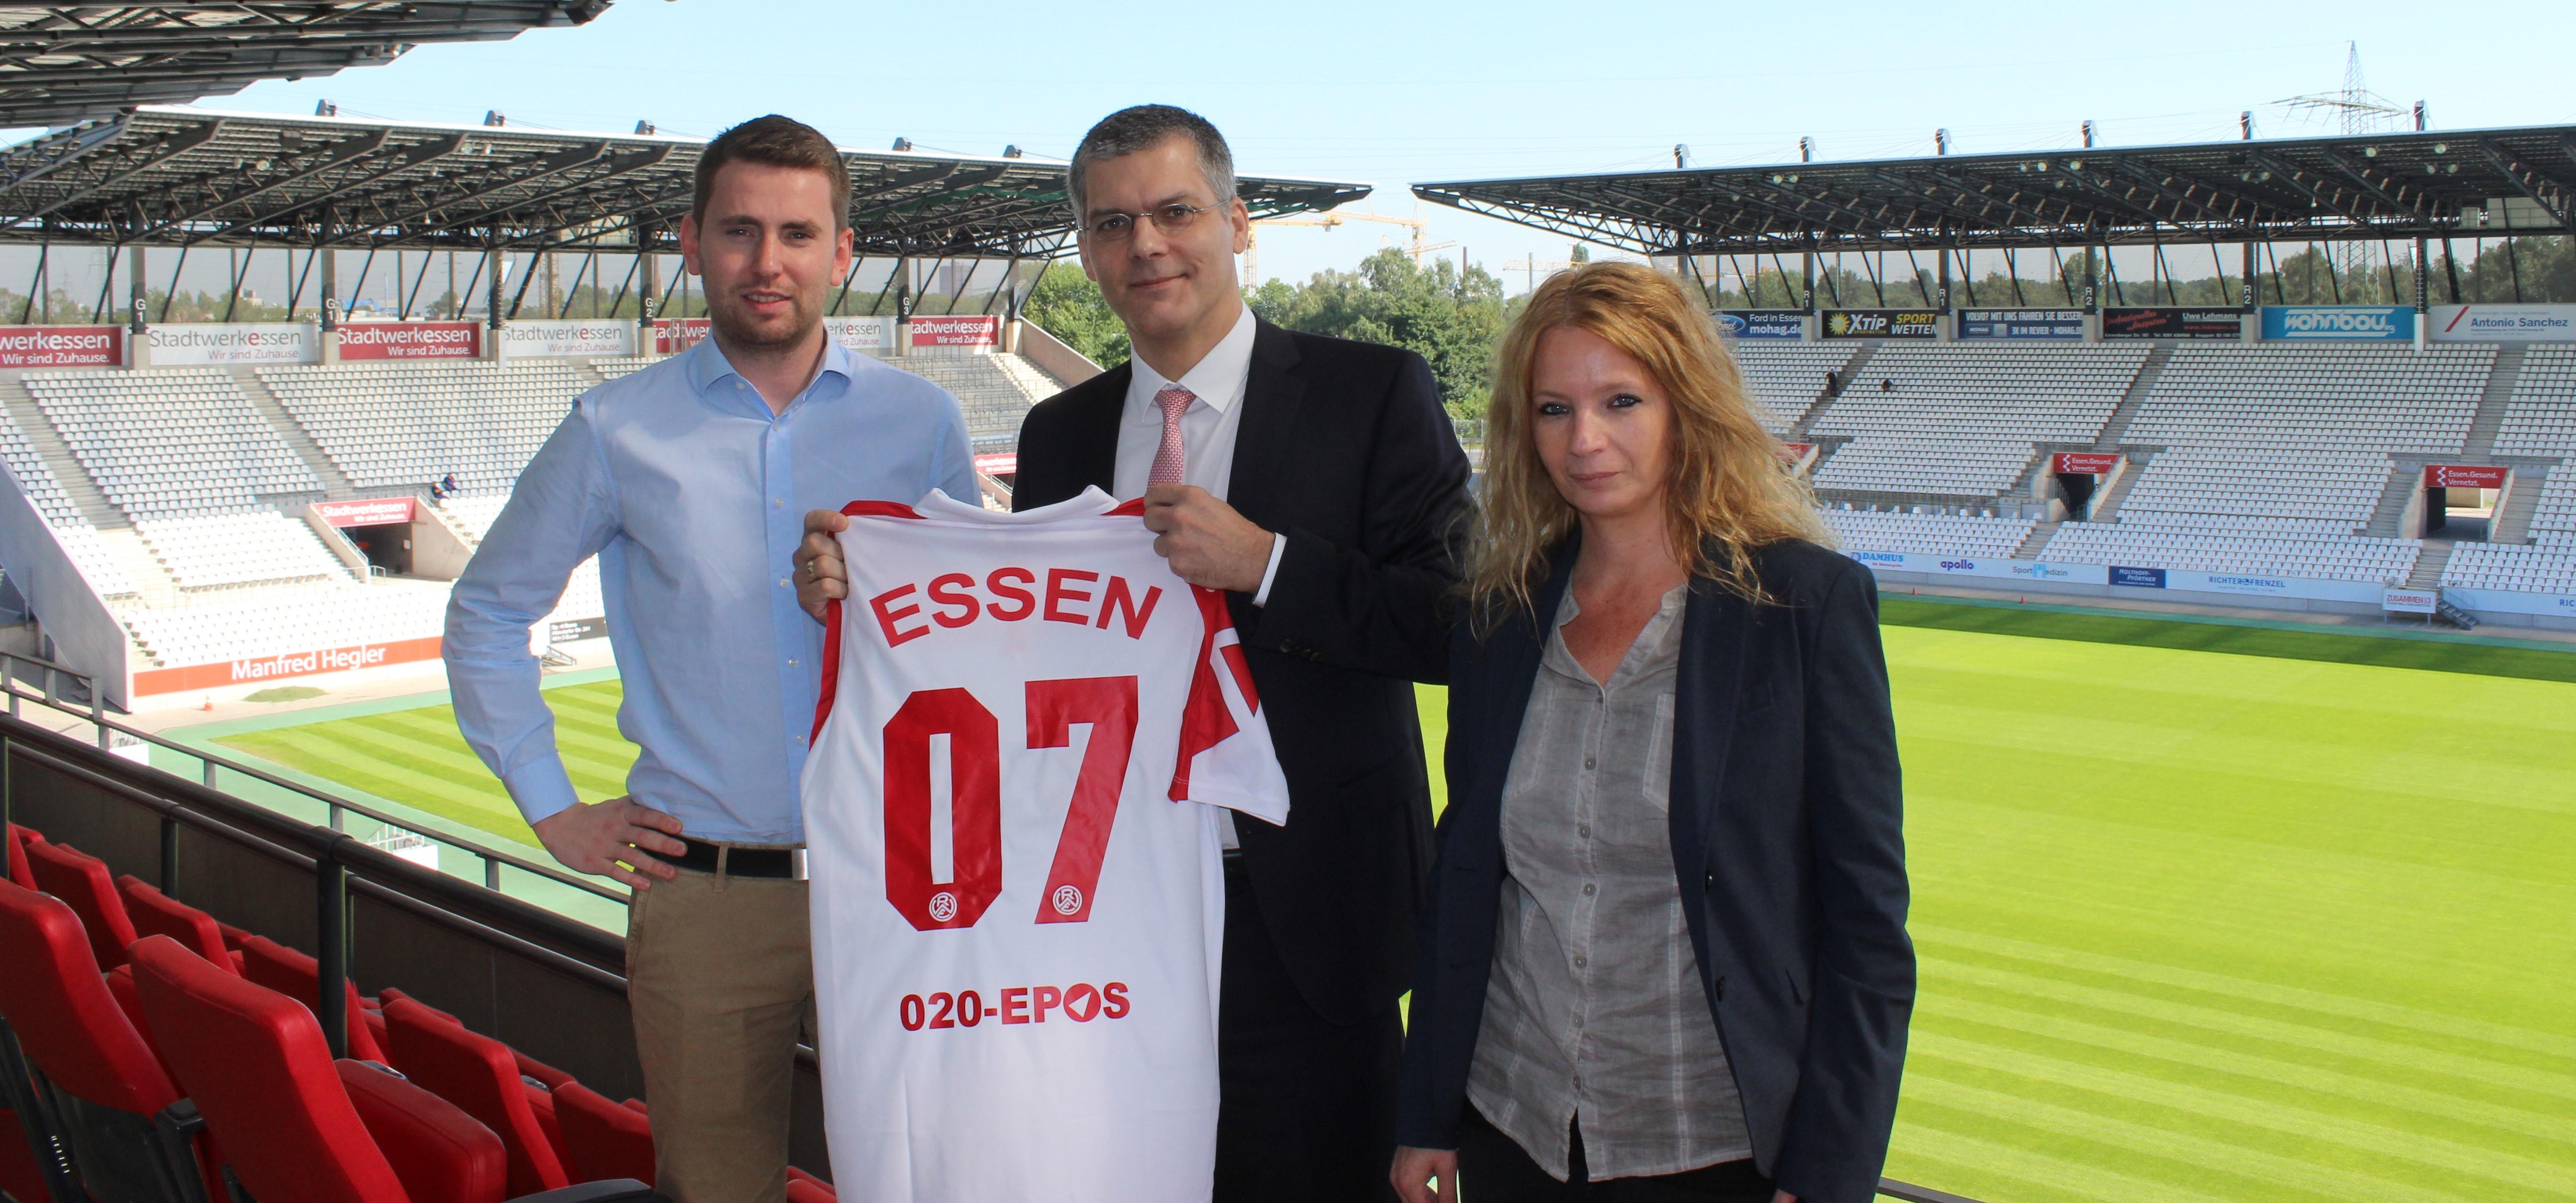 Daniel Elzer begrüßt mit Georg Jansen (Geschäftsführer 020-EPOS) und Sandra Danch (Personalentwicklung 020-EPOS) einen neuen Top-Partner an der Hafenstraße.